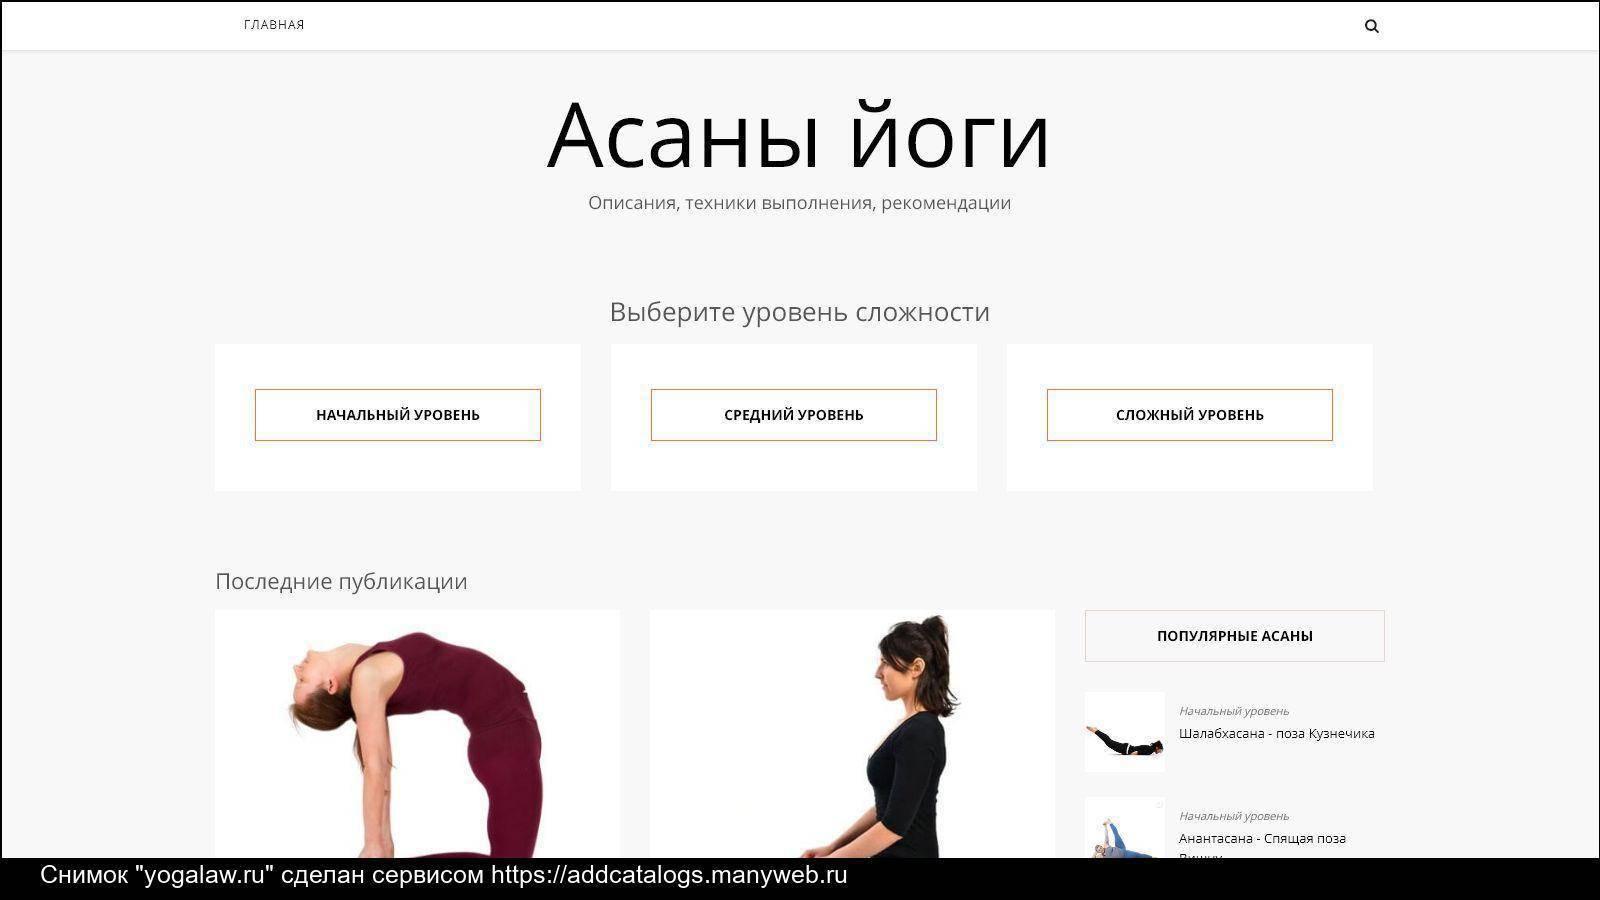 Угадай слова ответы на уровень 1, задания 16-30 - stevsky.ru - обзоры смартфонов, игры на андроид и на пк